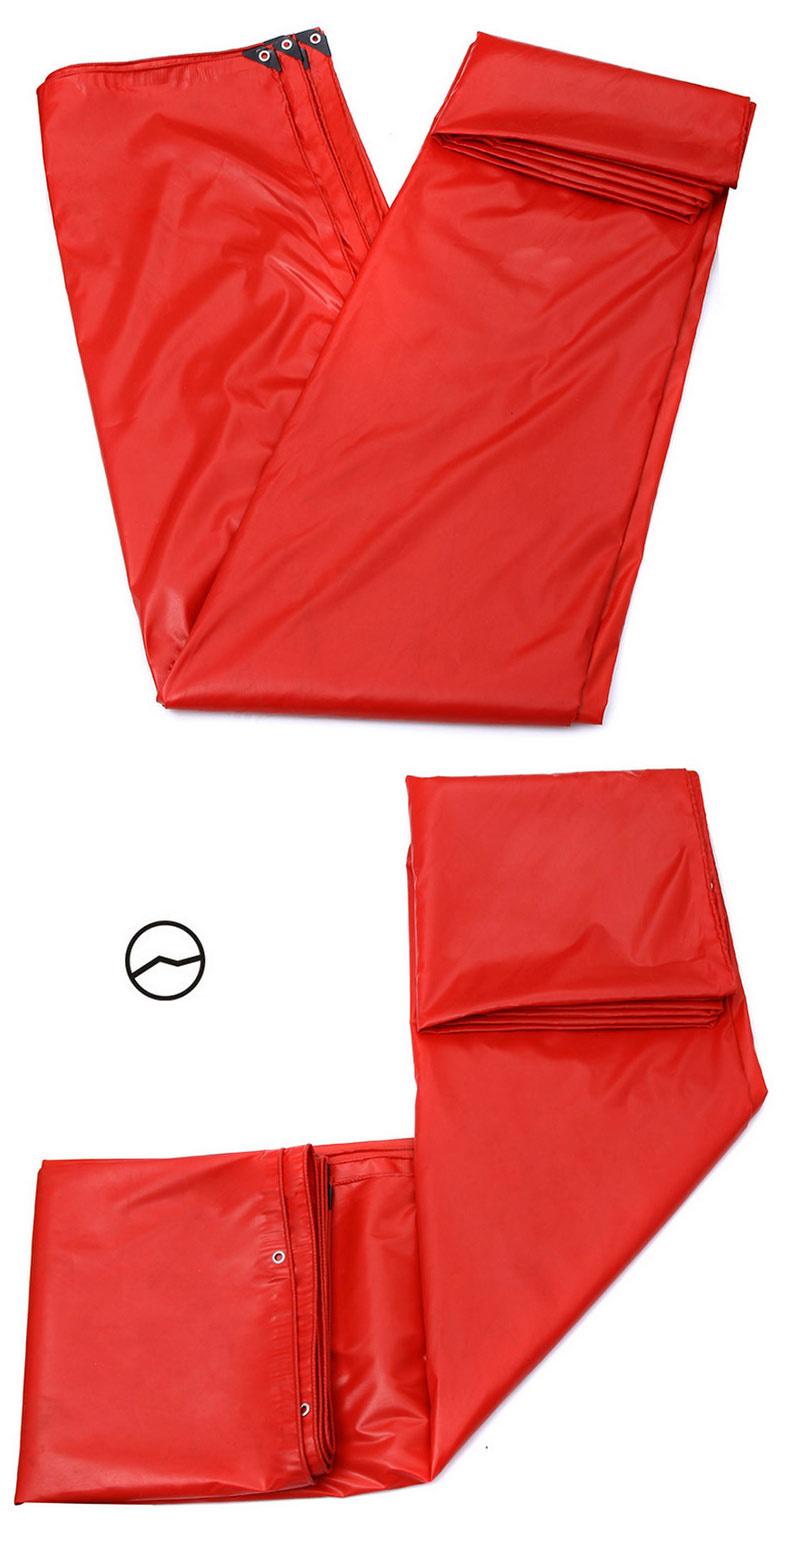 PVC Laminated Tarpaulin/Tarp with UV Treated for Cargo Cover